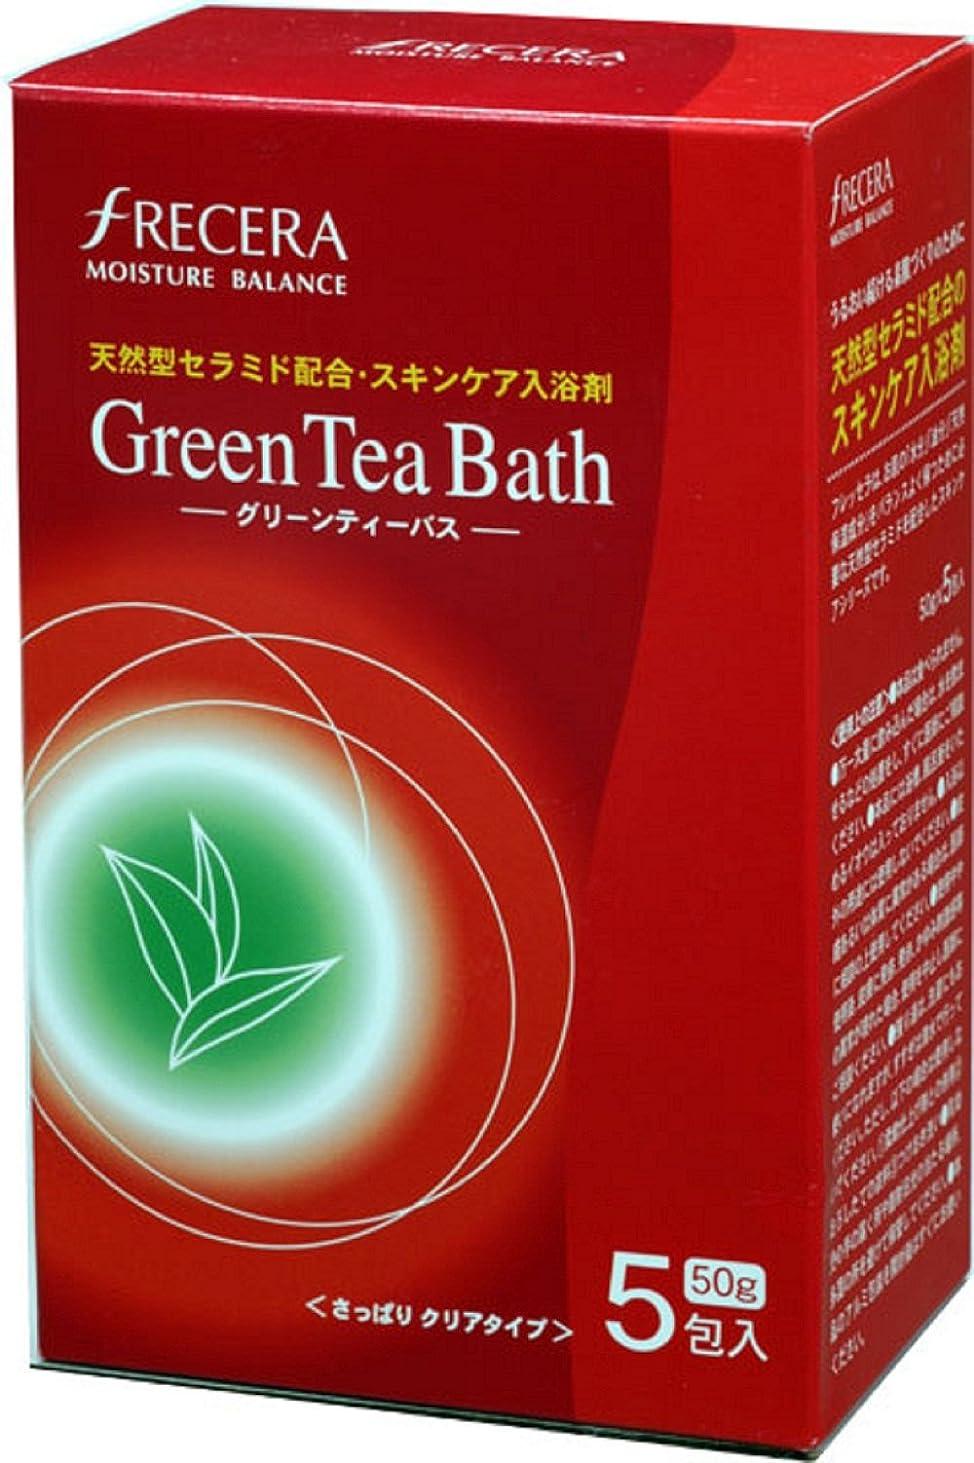 ラック発掘するフォージフレッセラ セラミド配合入浴剤 グリーンティーバス 50g×5包